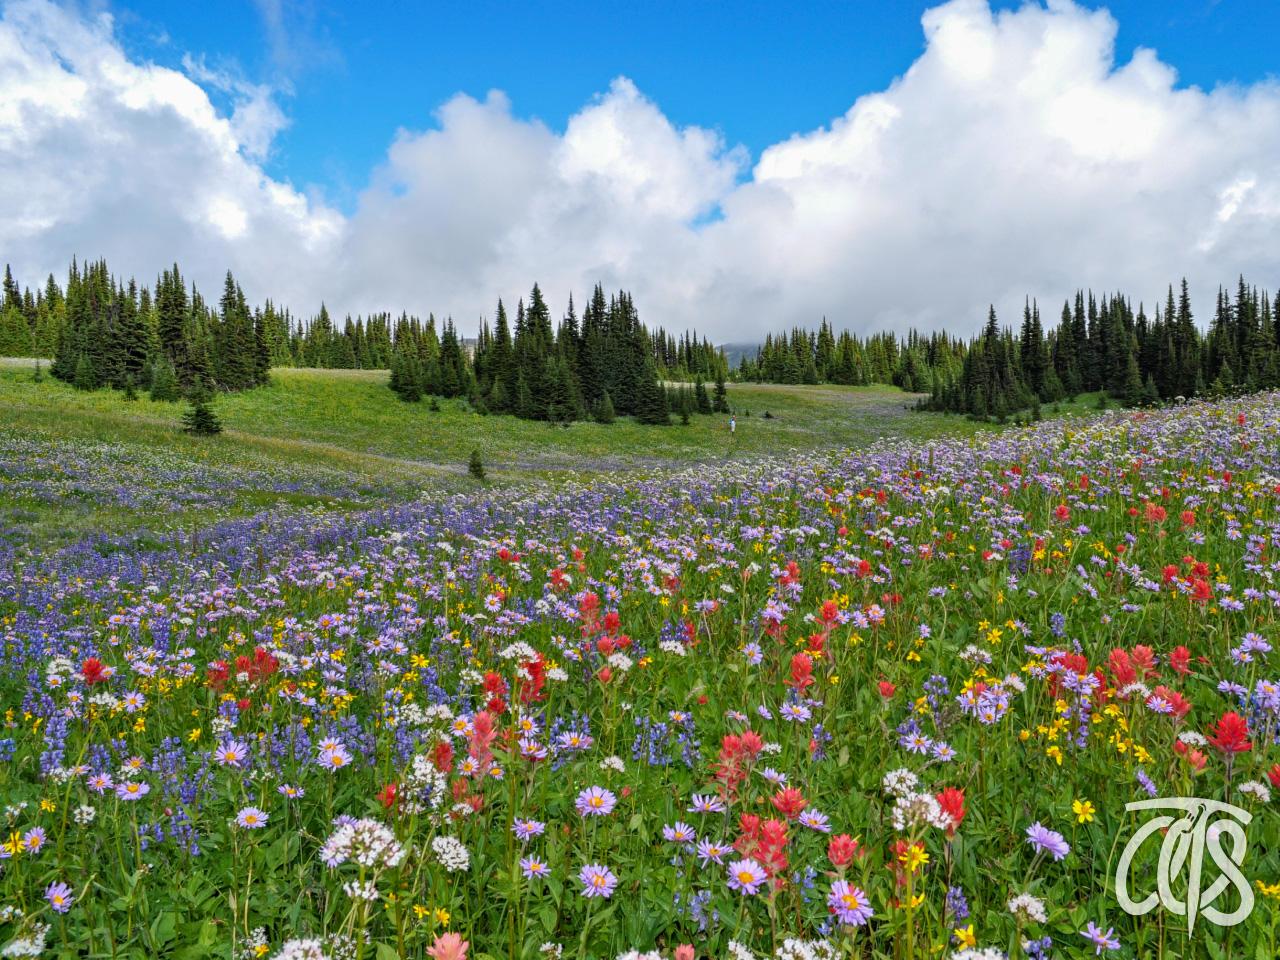 一面に咲く高山植物